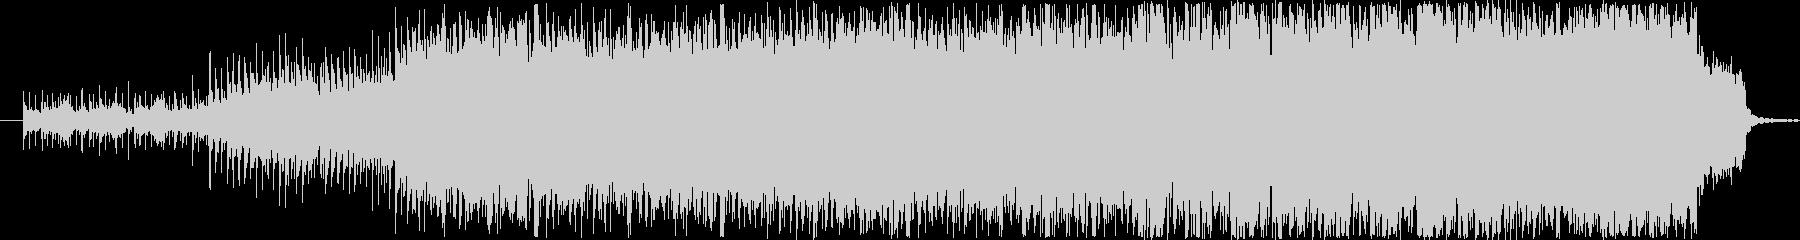 ベルの音色を使用した悲しいサウンドシリ…の未再生の波形